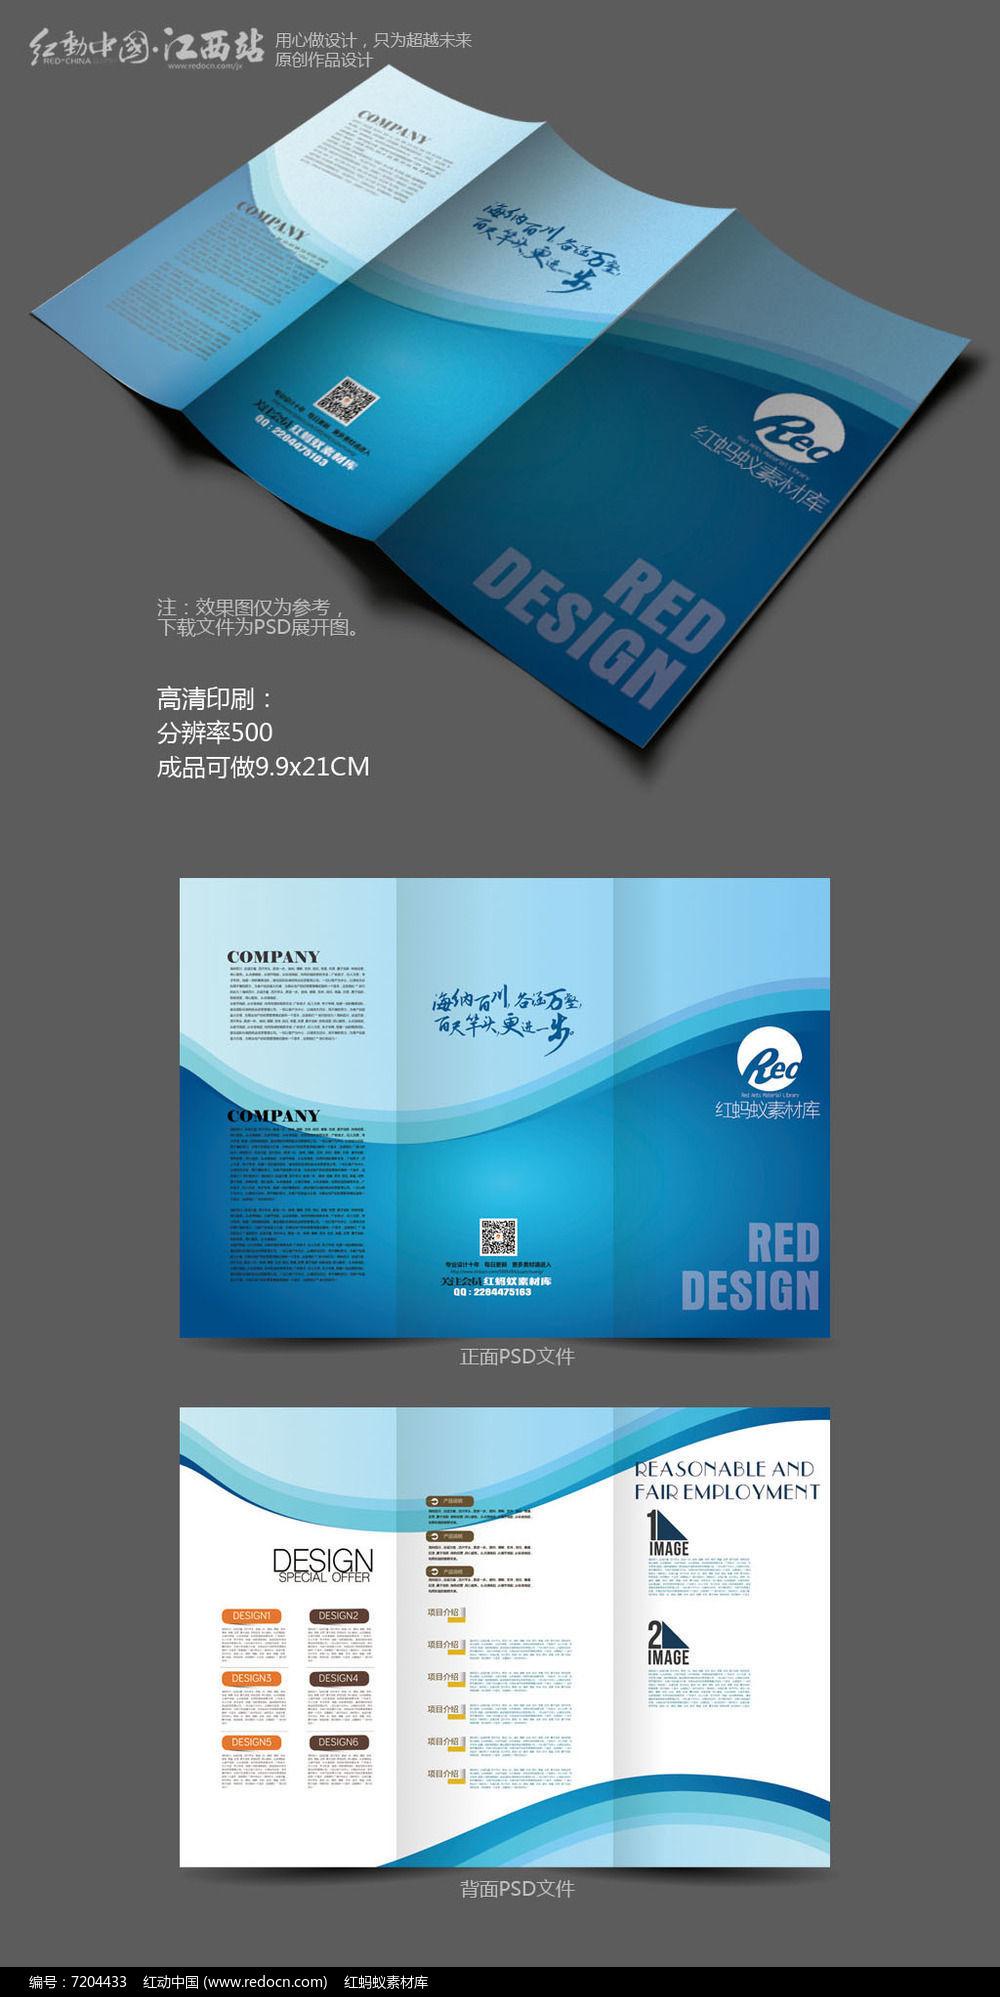 折页折页企业三蓝色v折页PSD素材下载_时尚设设计教程瓶身图片